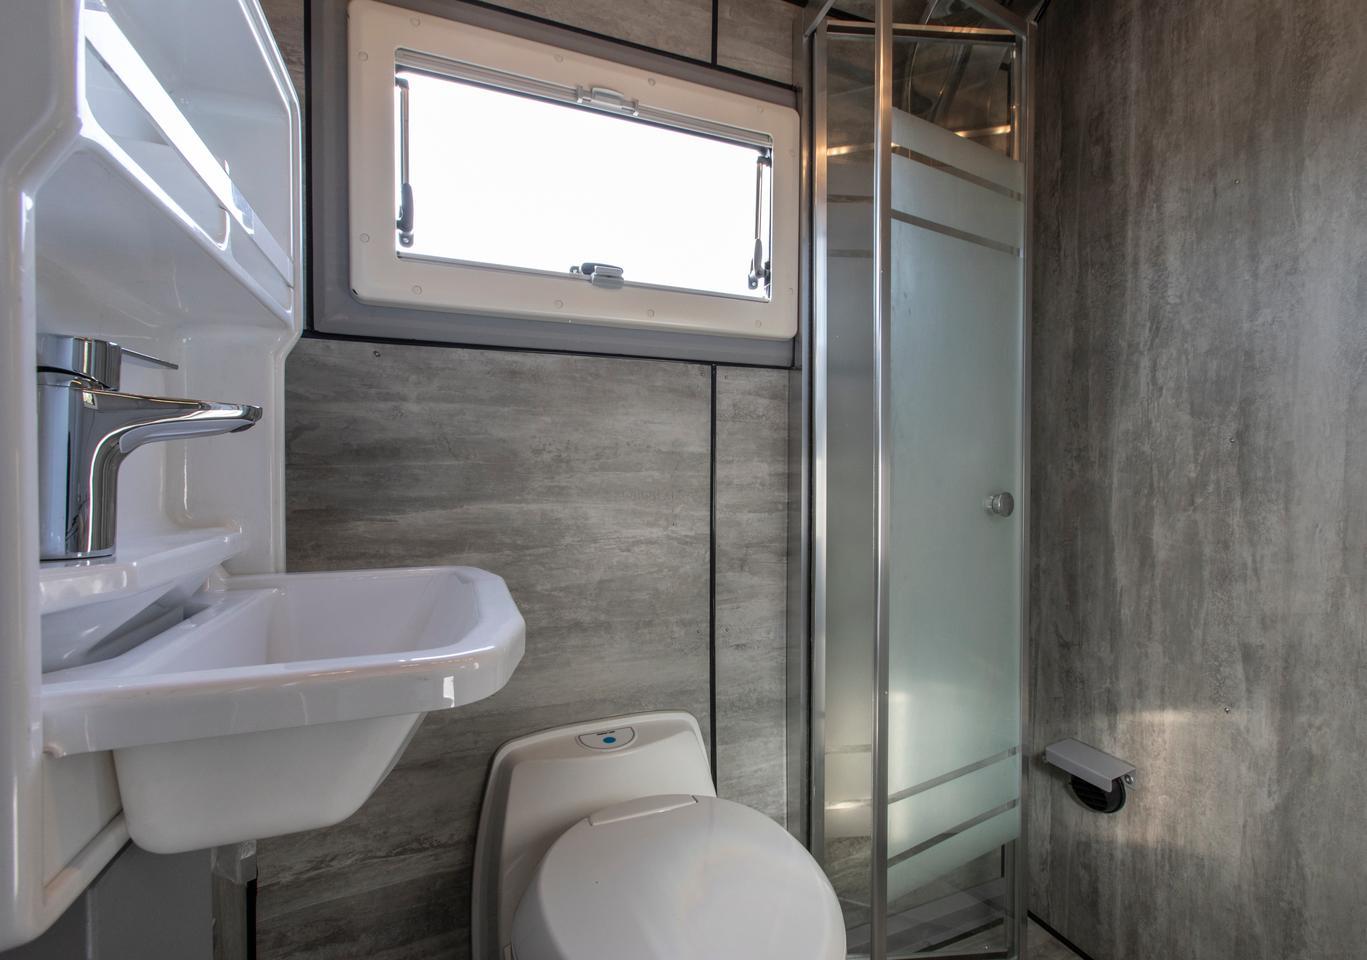 Crawler Otag 600 bathroom